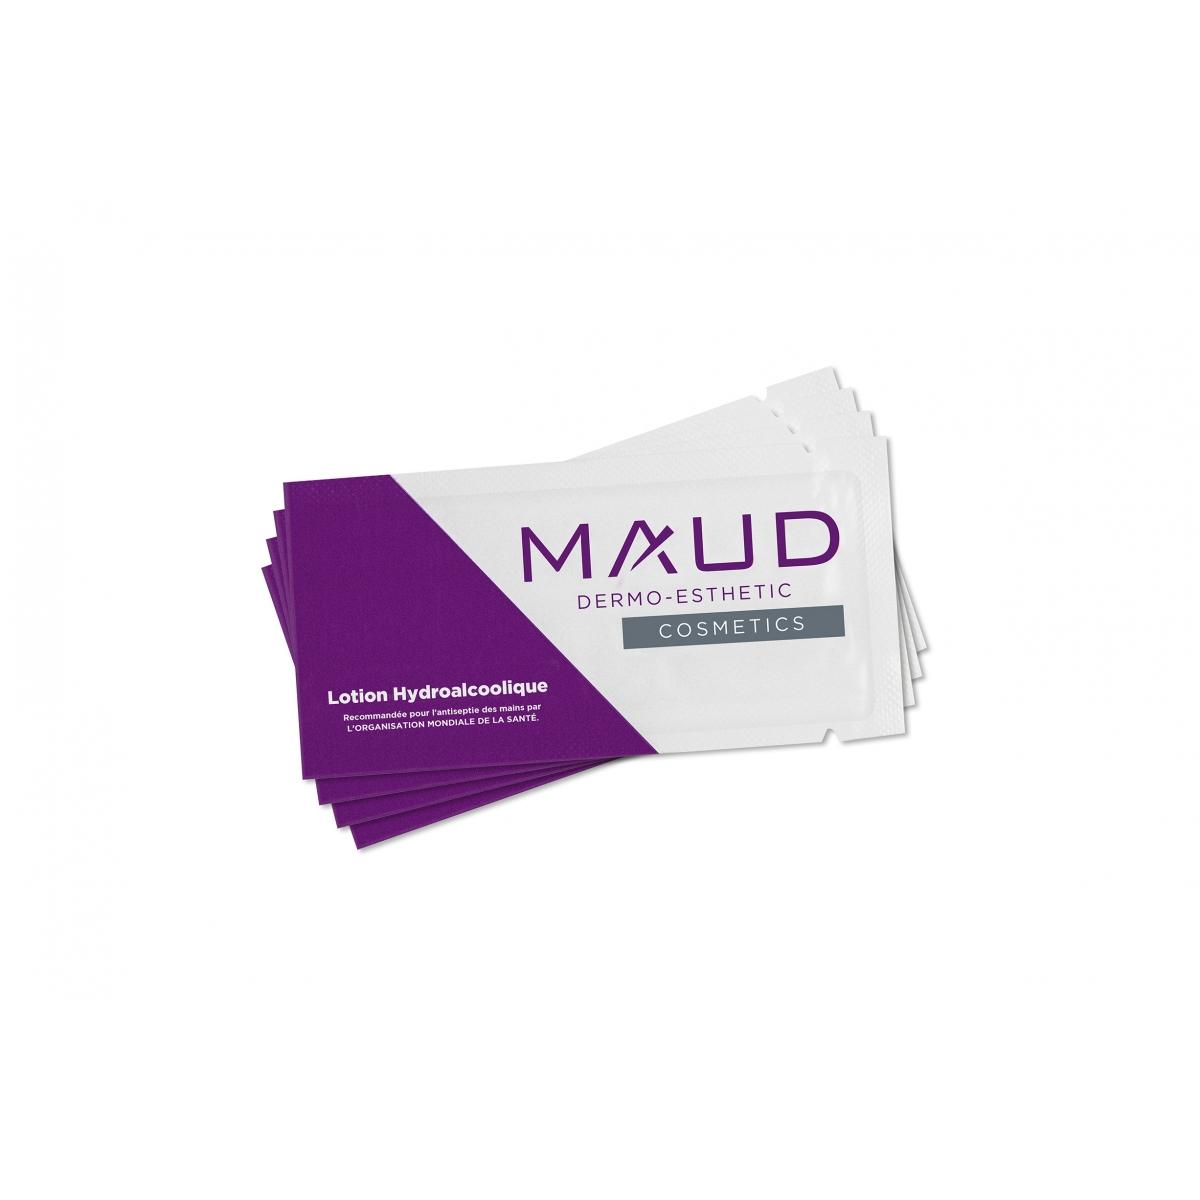 HYGIENE - MAUD PROFESSIONAL SHOP - GEL HYDROALCOOLIQUE EN SACHET (1,5 ml) (x35)